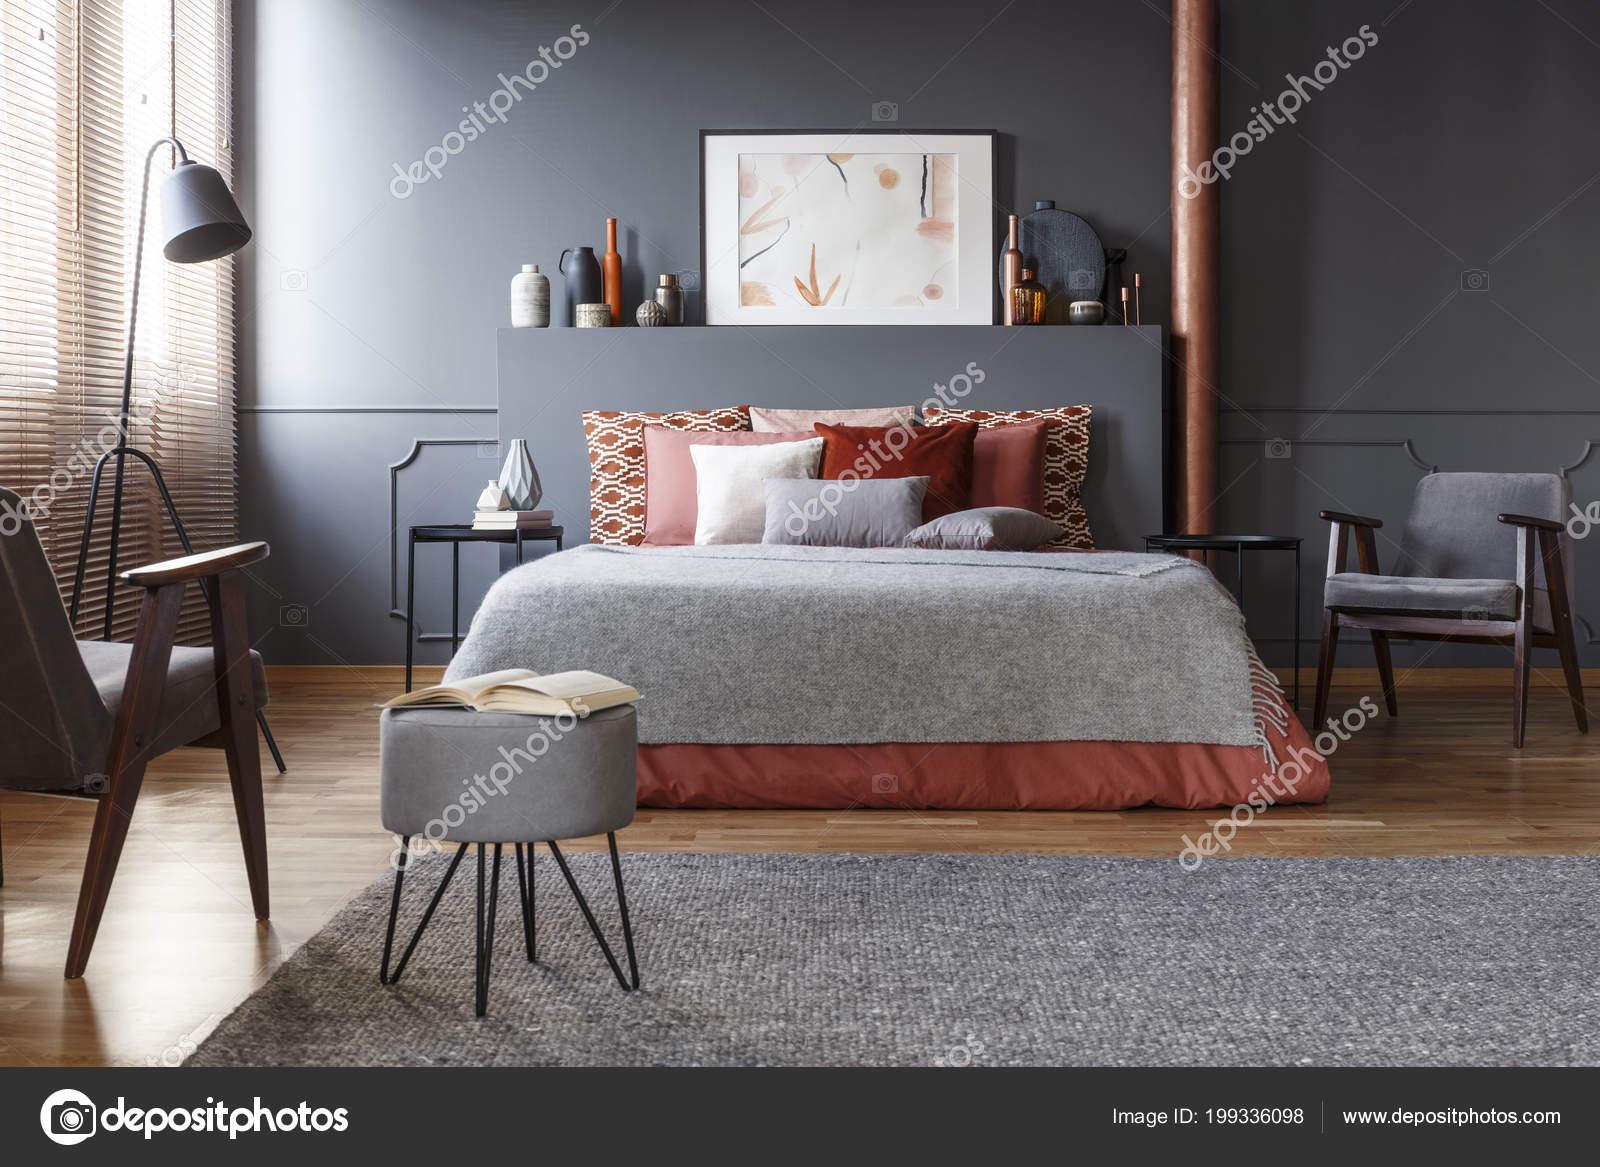 echte foto van gezellige donkere slaapkamer interieur met veel decoratieve stockfoto